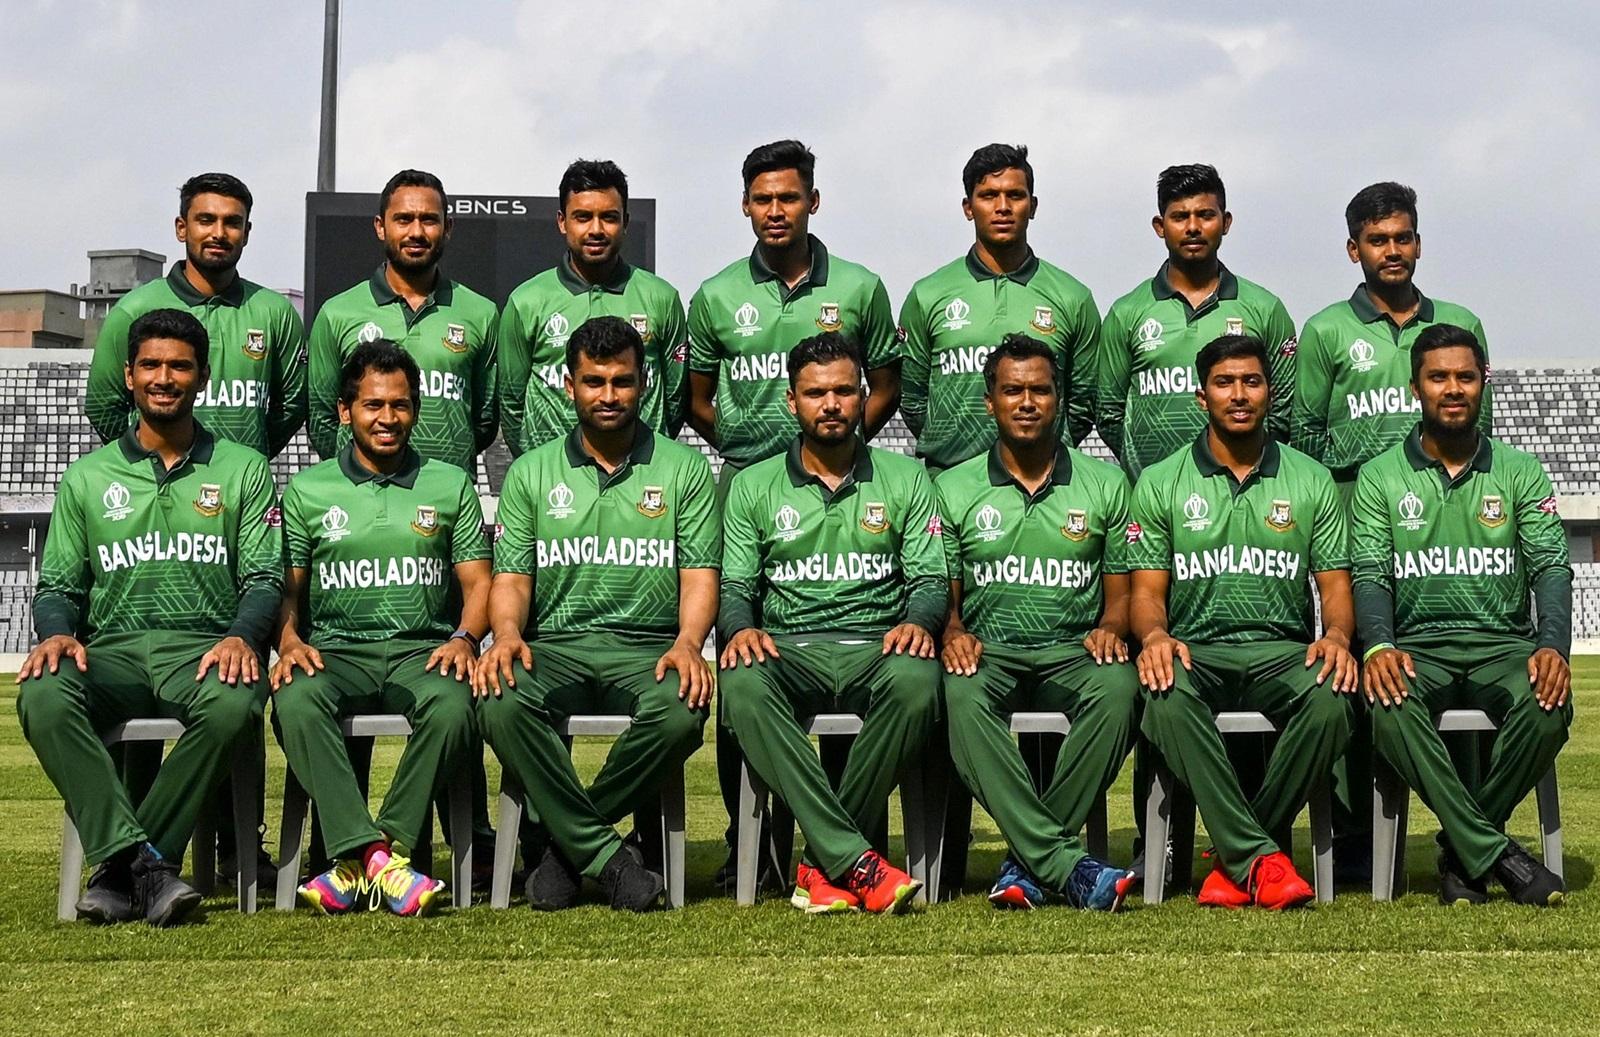 518764ed9 Bangladesh change Cup kit after outcry | cricket.com.au